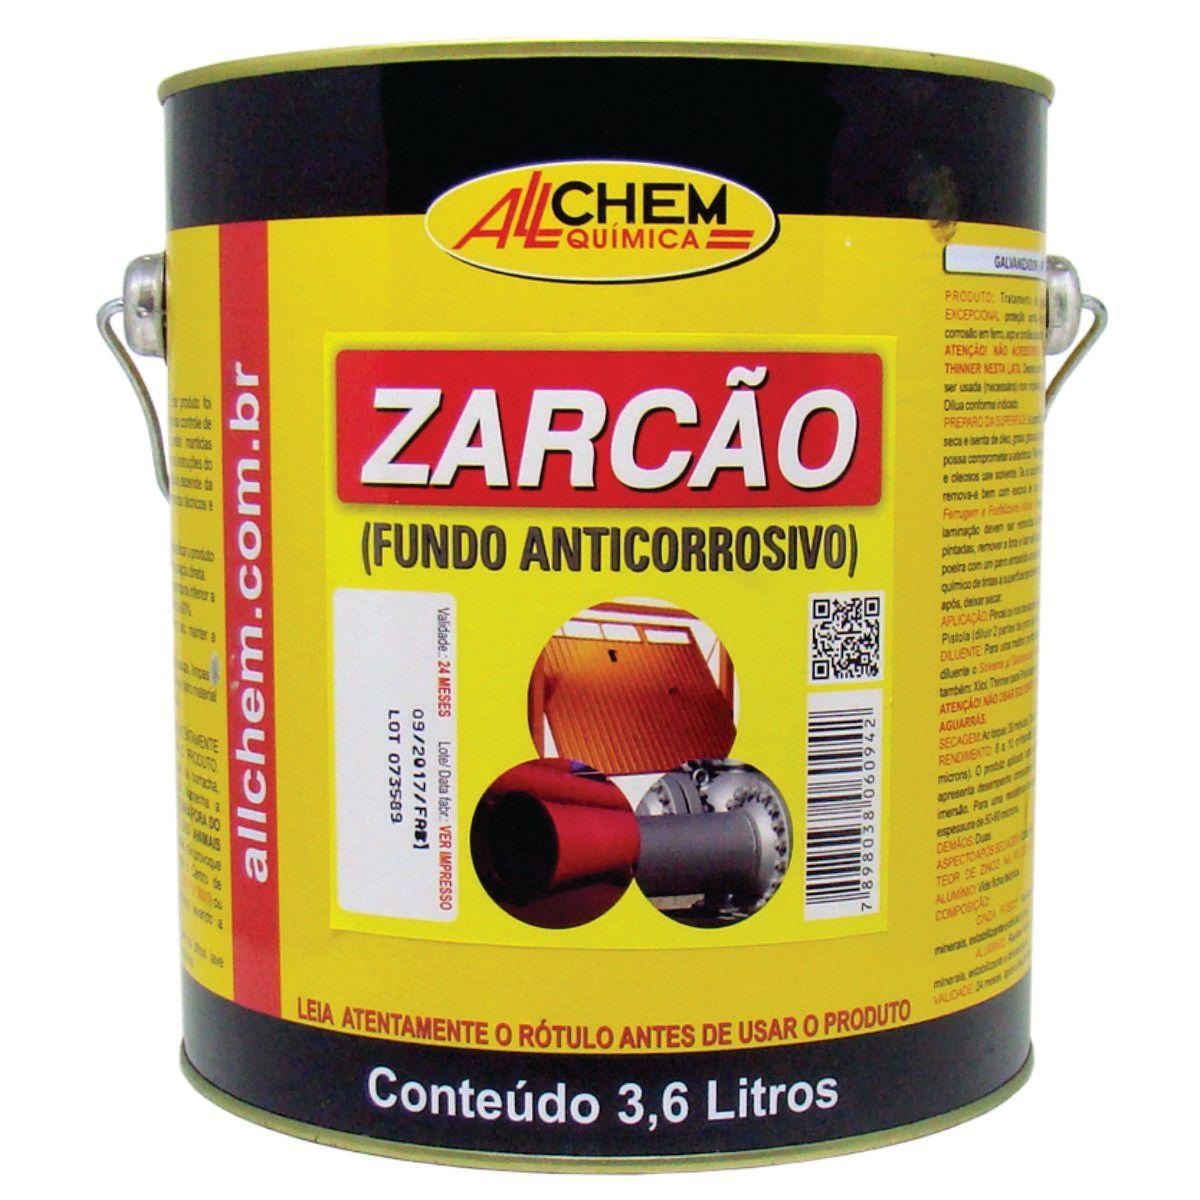 Fundo Anticorrosivo Zarcão 2x3,6 Litros